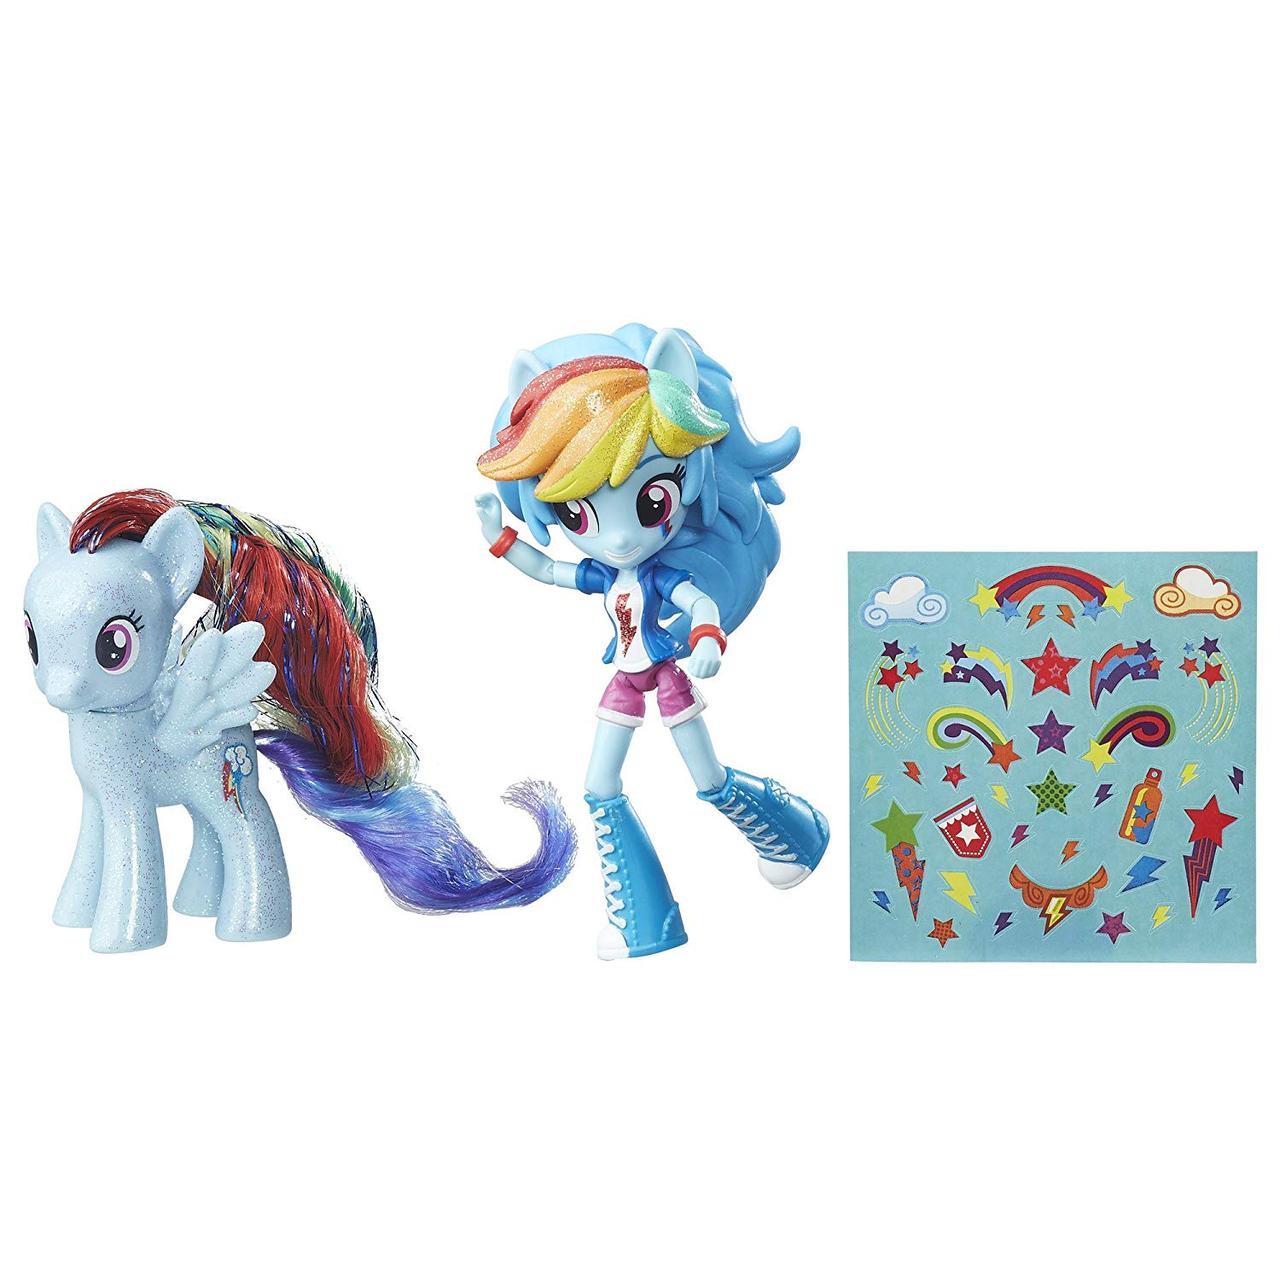 Эксклюзивный набор Рэйнбоу Дэш Минис Моя Маленькая Пони Май Литл Пони My Little Pony